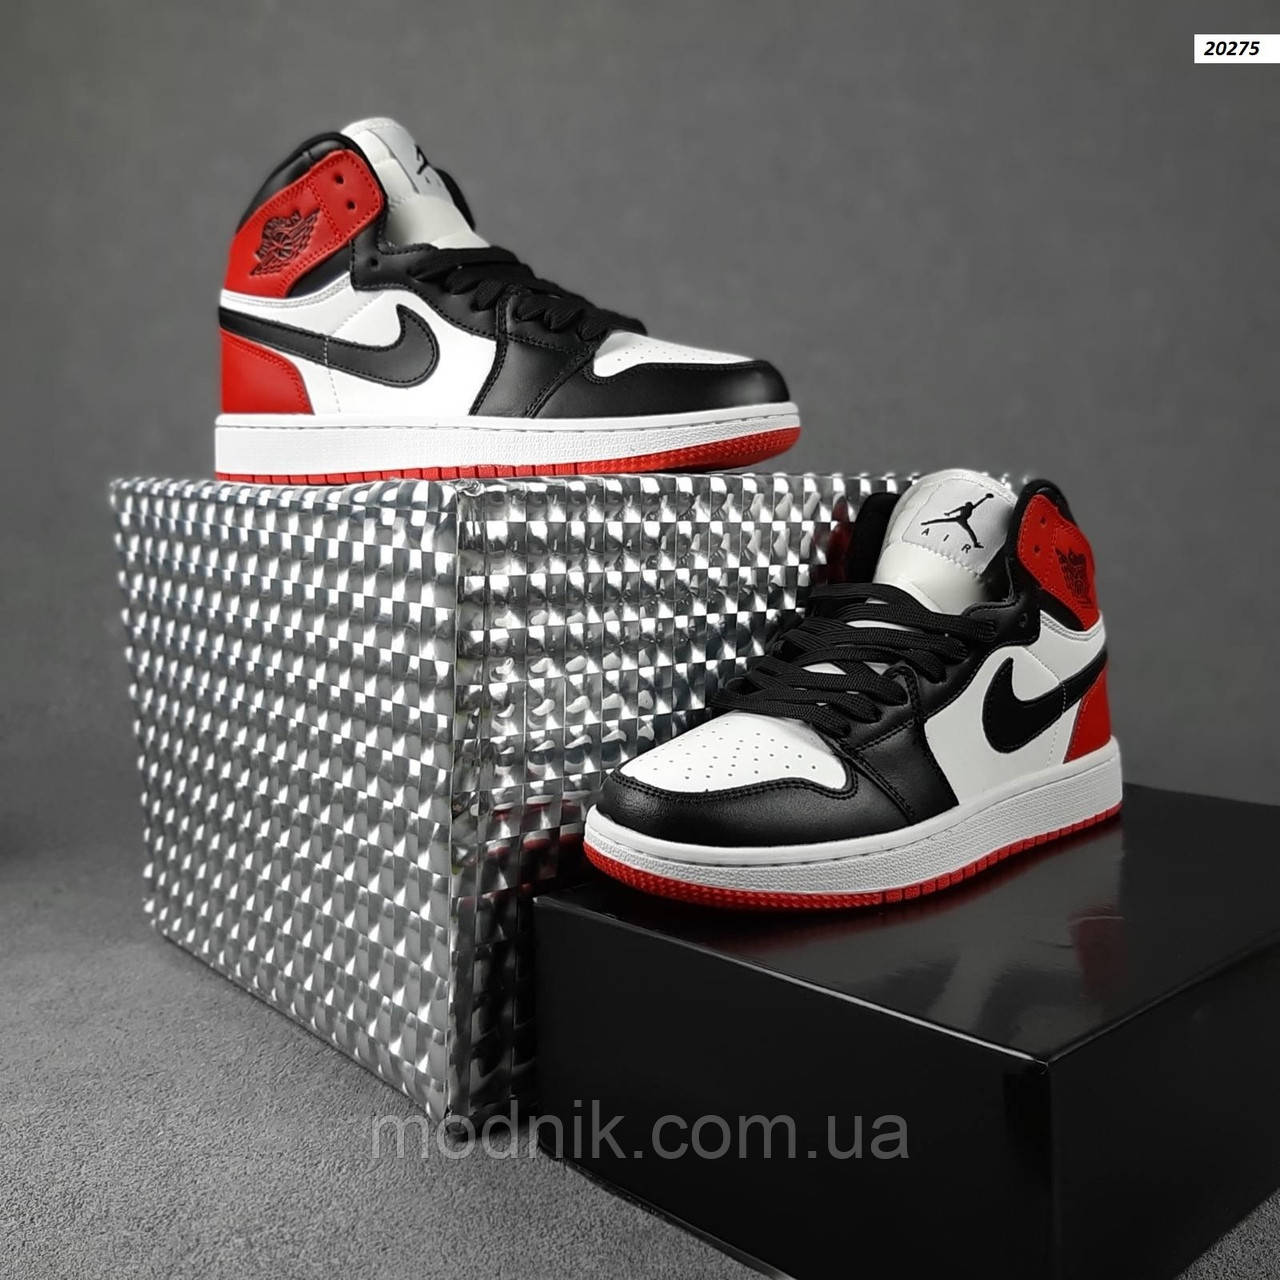 Женские кроссовки Nike Jordan (белые с черным и красным) спортивные демисезонные кроссы 20275